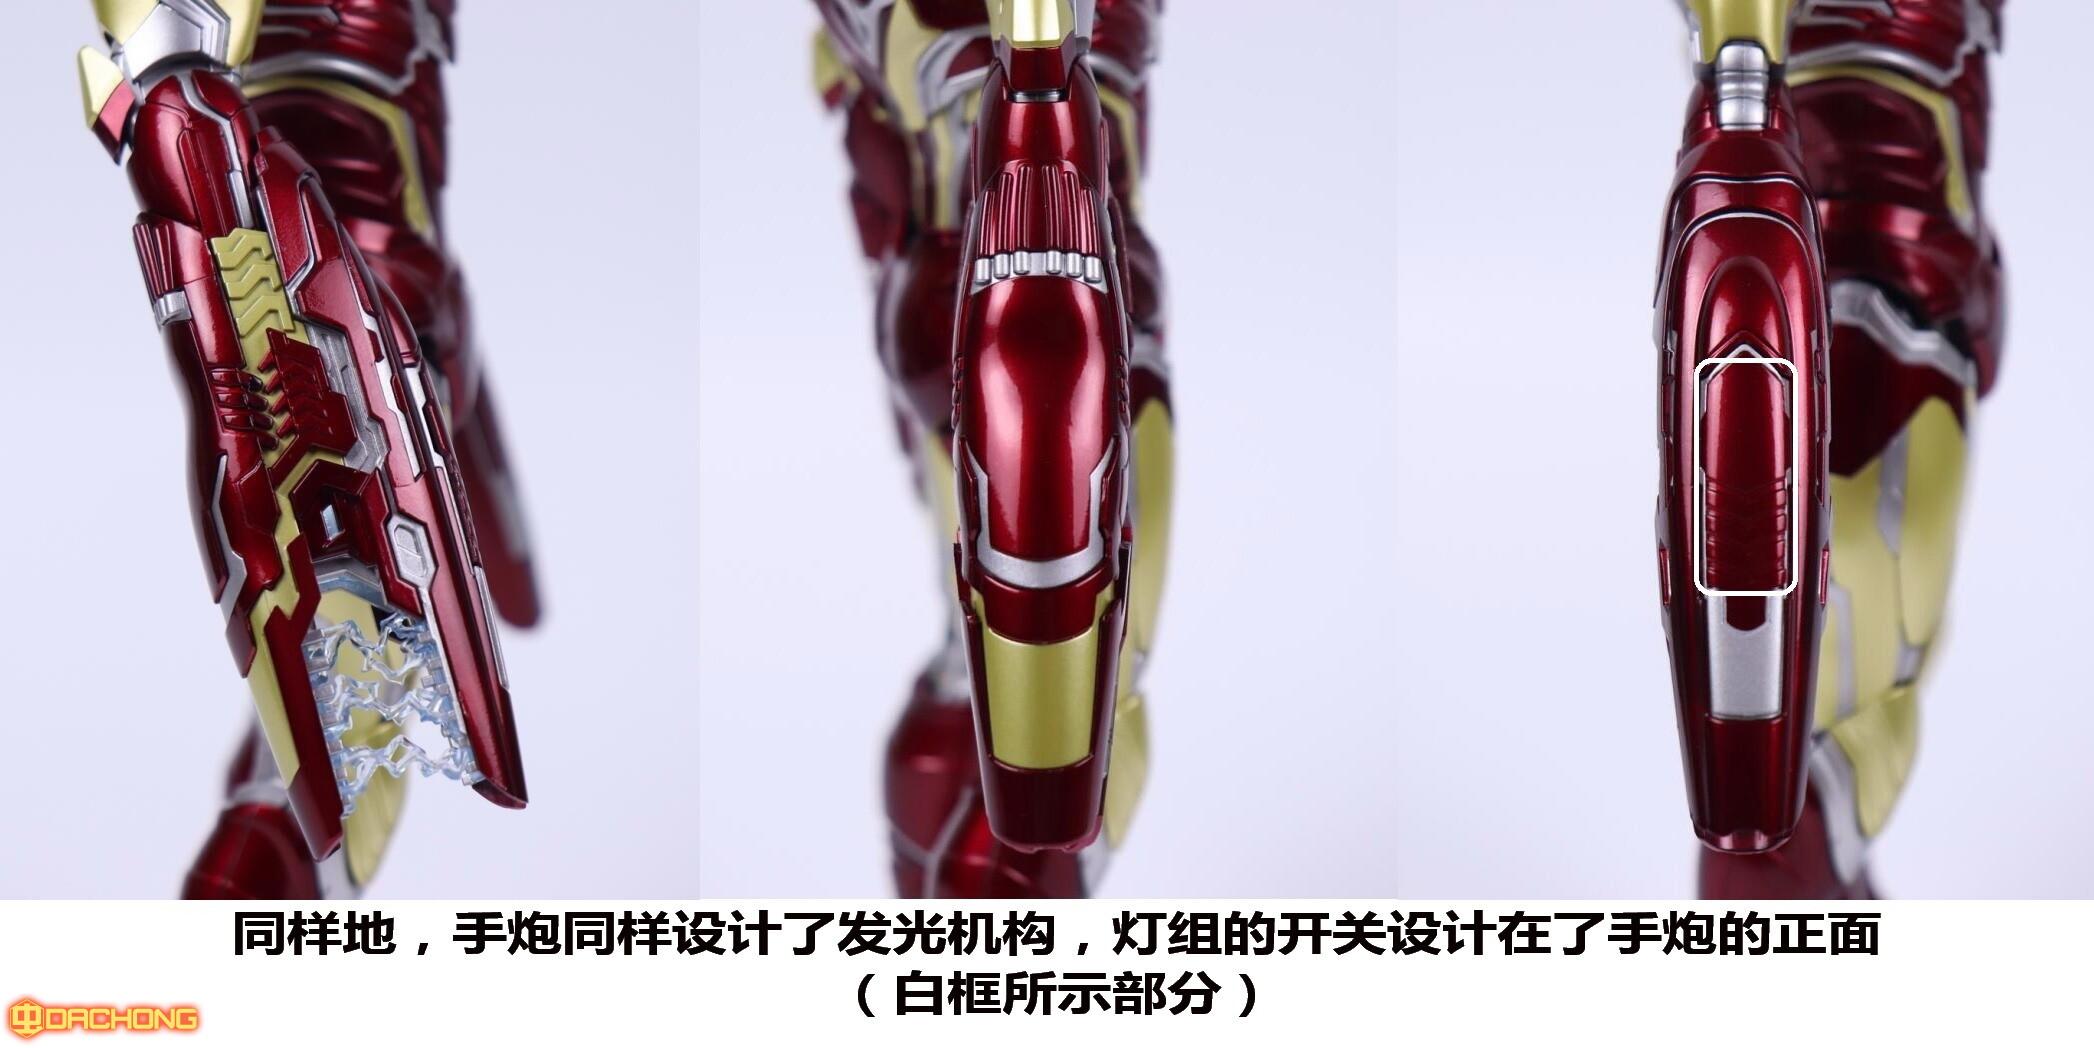 S498_2_e_model_ironman_mk85_dx_032.jpg